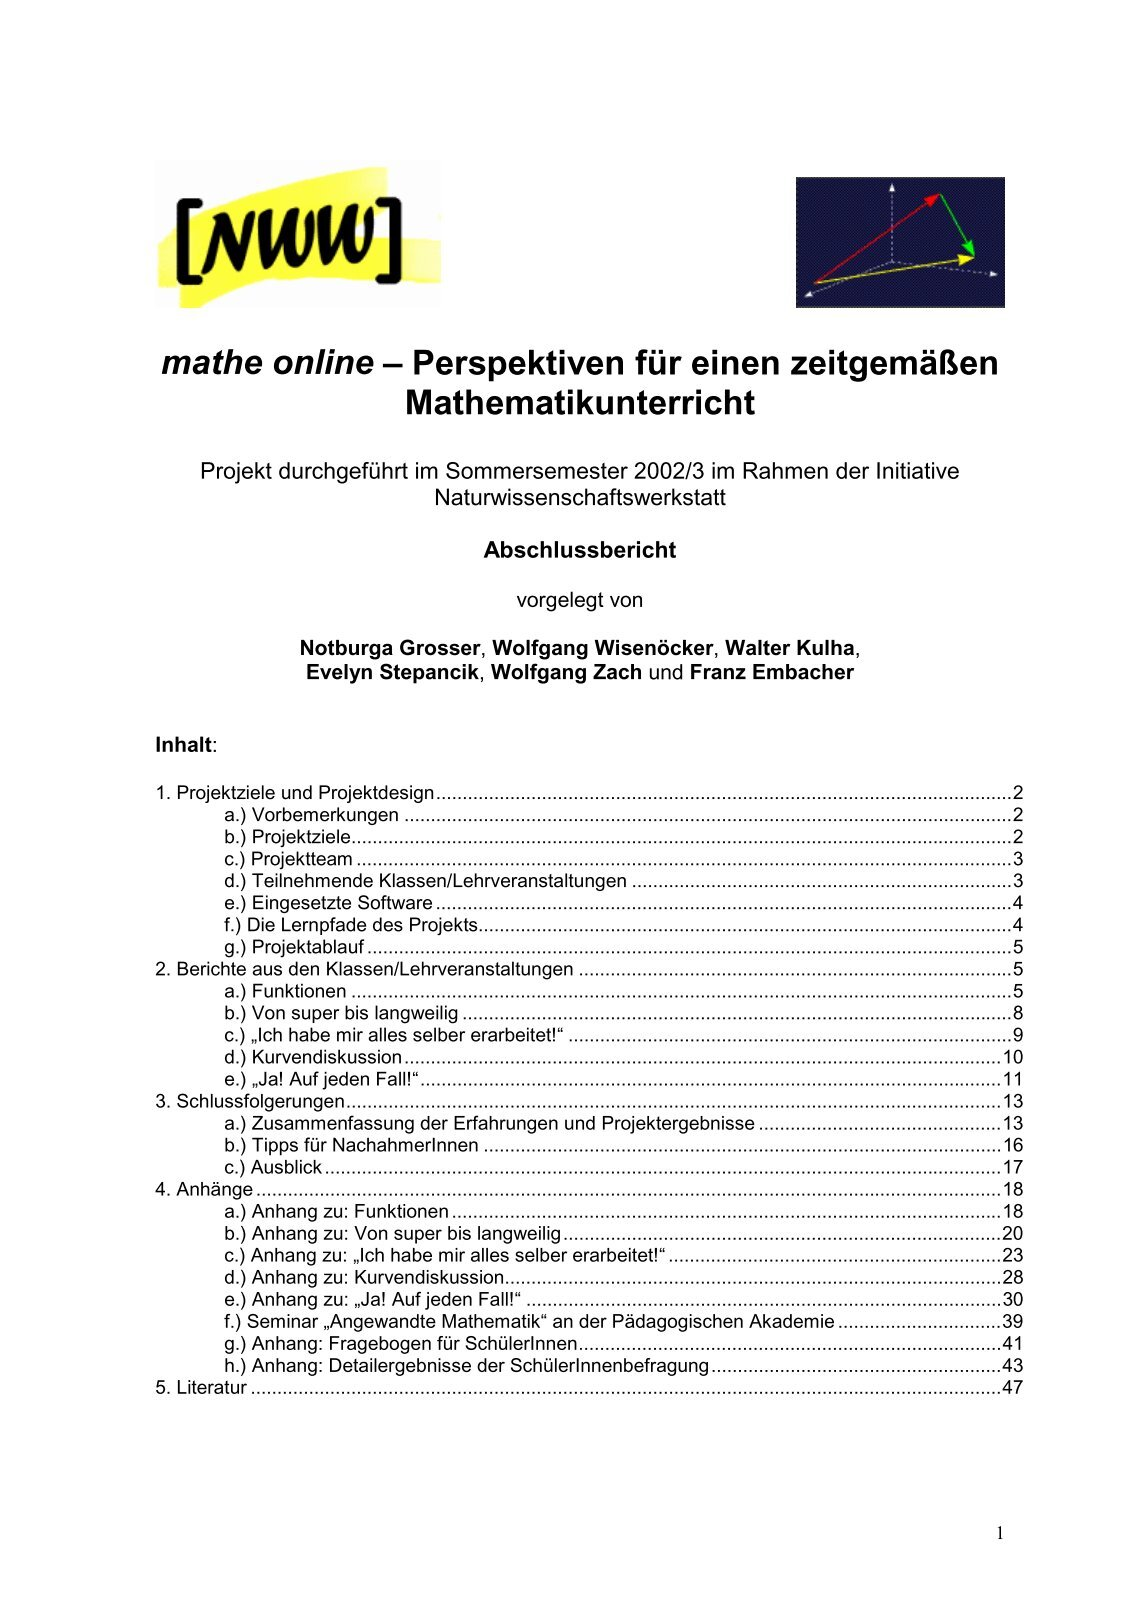 Schön Fügen Sie Einen Rahmen Online Ein Bild Frei Ideen ...